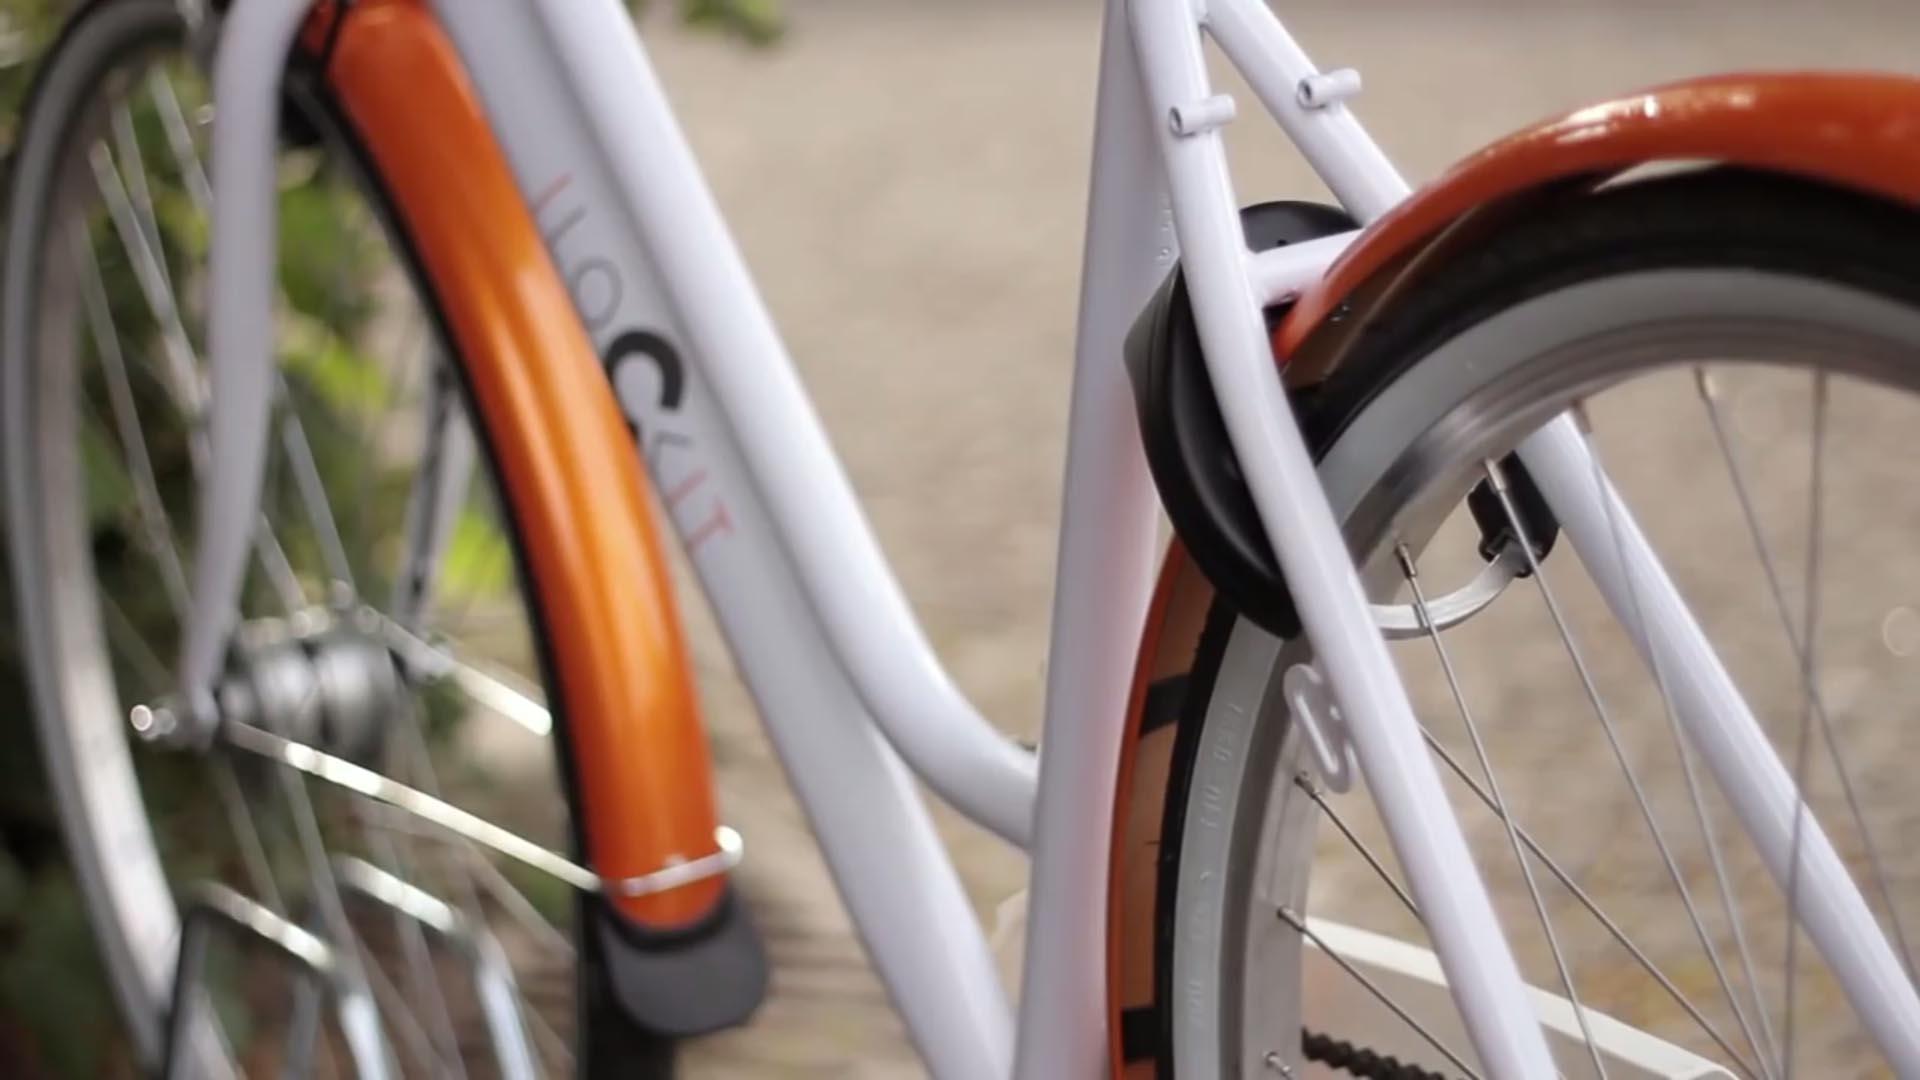 Lock It, il lucchetto per bici che si sblocca col Bluetooth